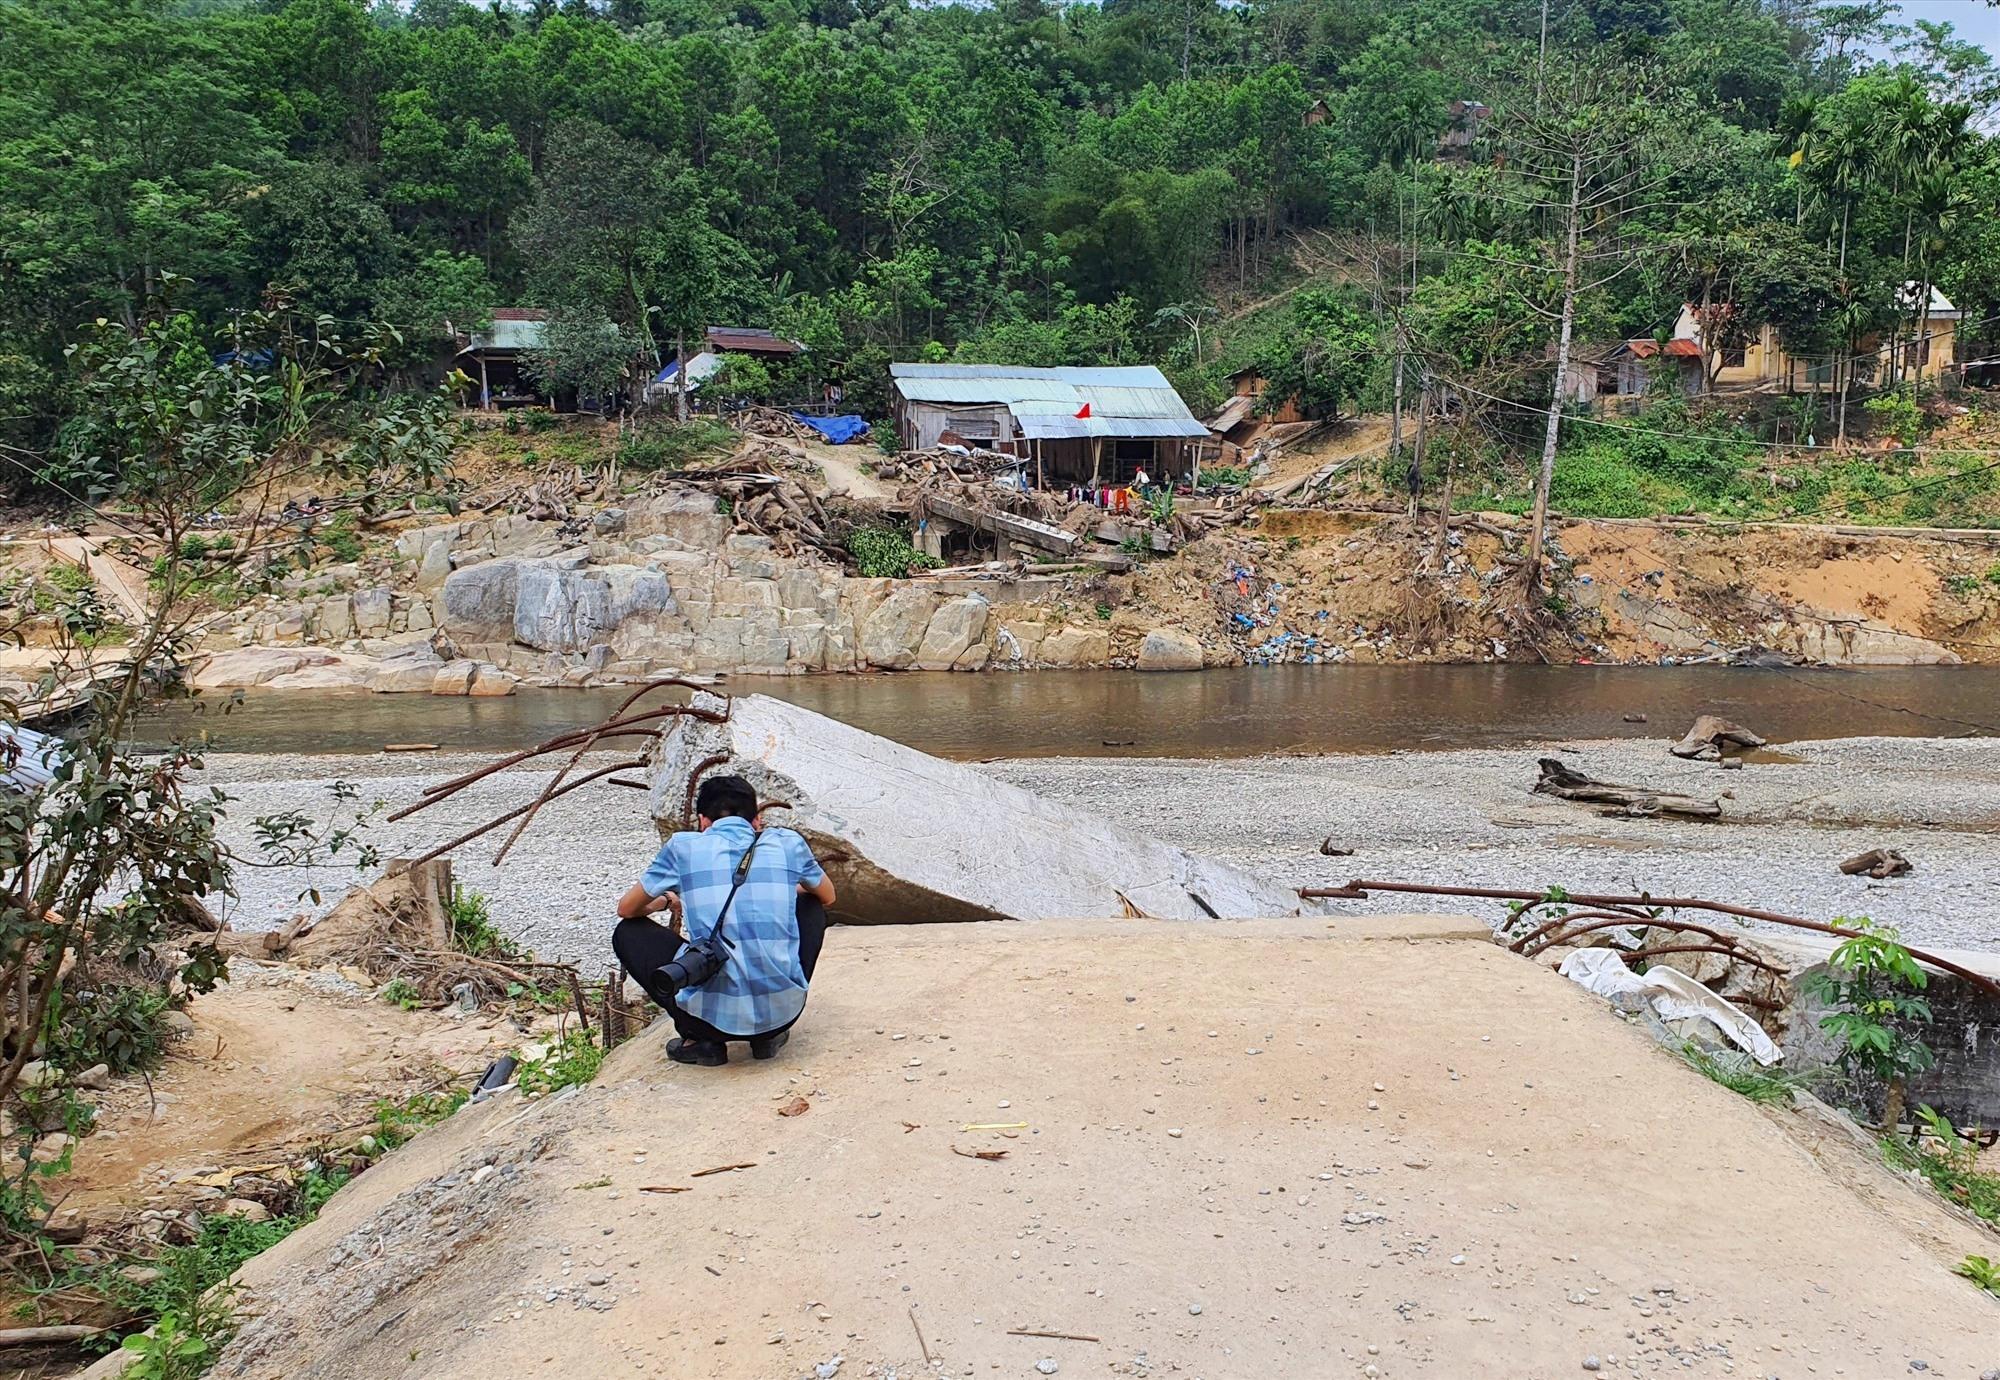 Cầu treo bị cuốn trôi gây chia cắt đôi bờ sông Bui. Ảnh: B.A